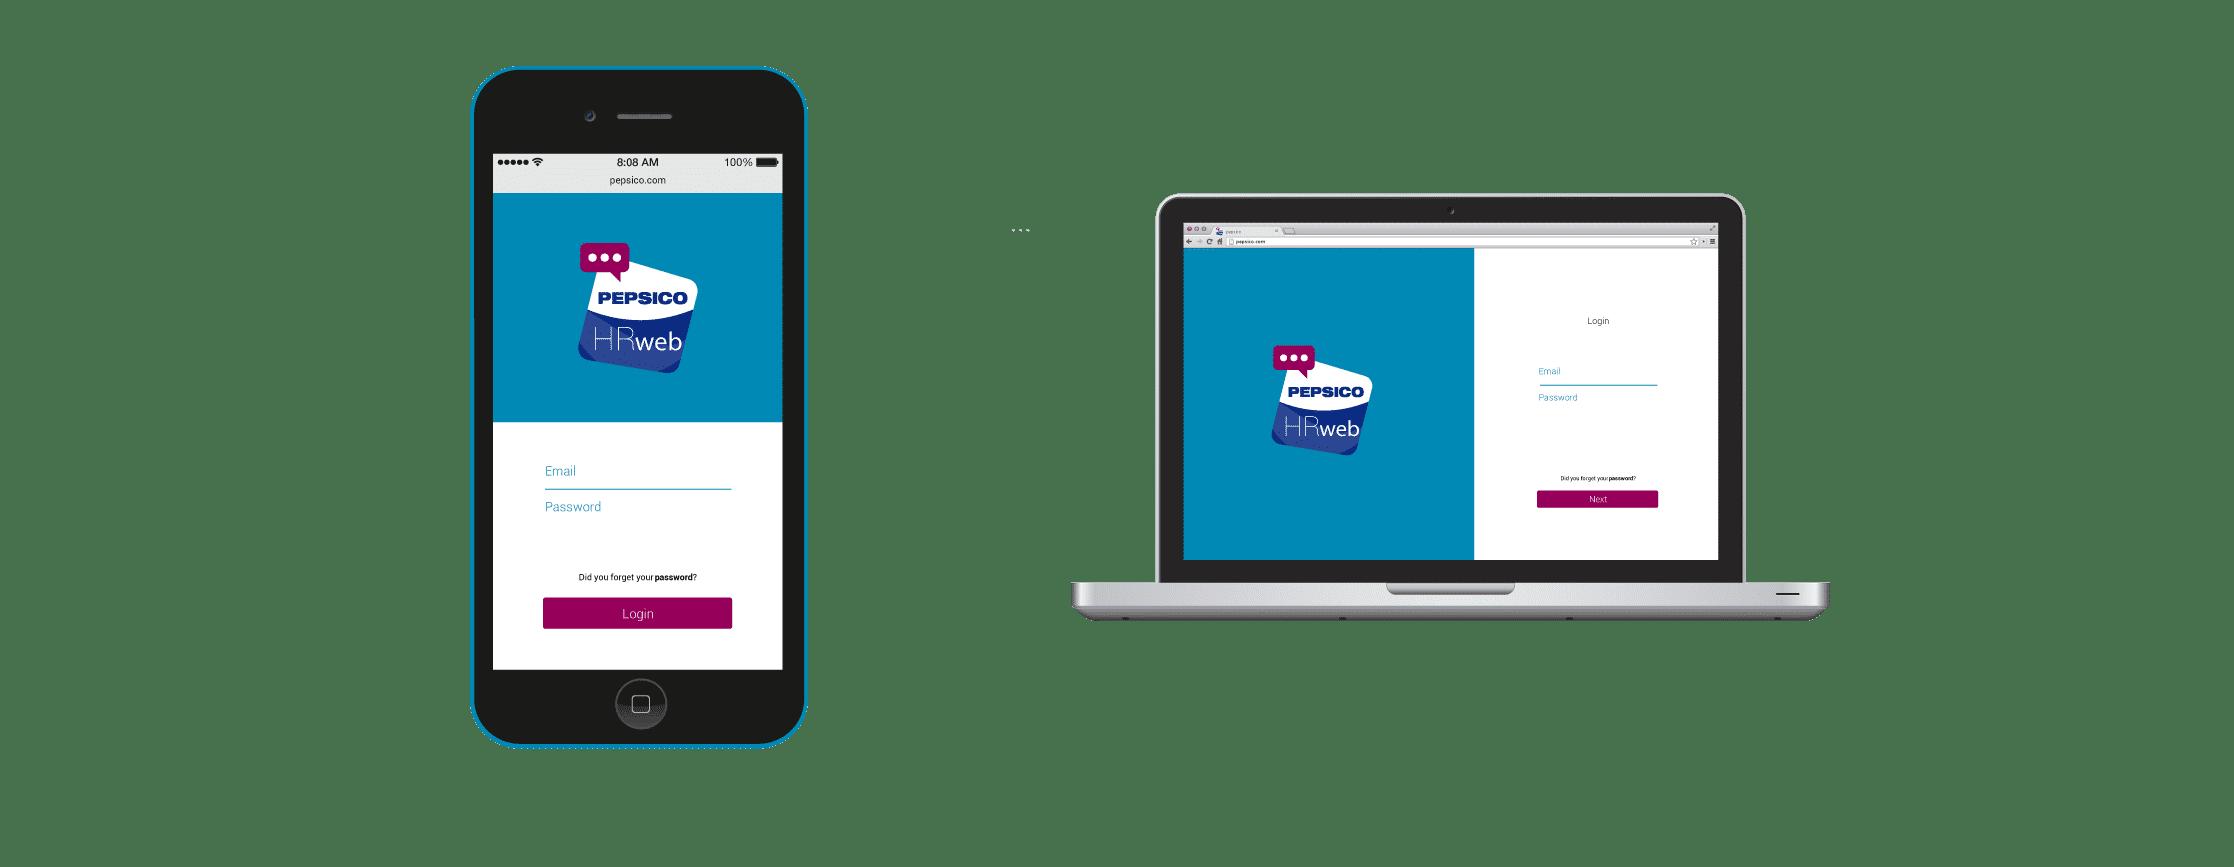 Ejemplo login de la app de Pepsico